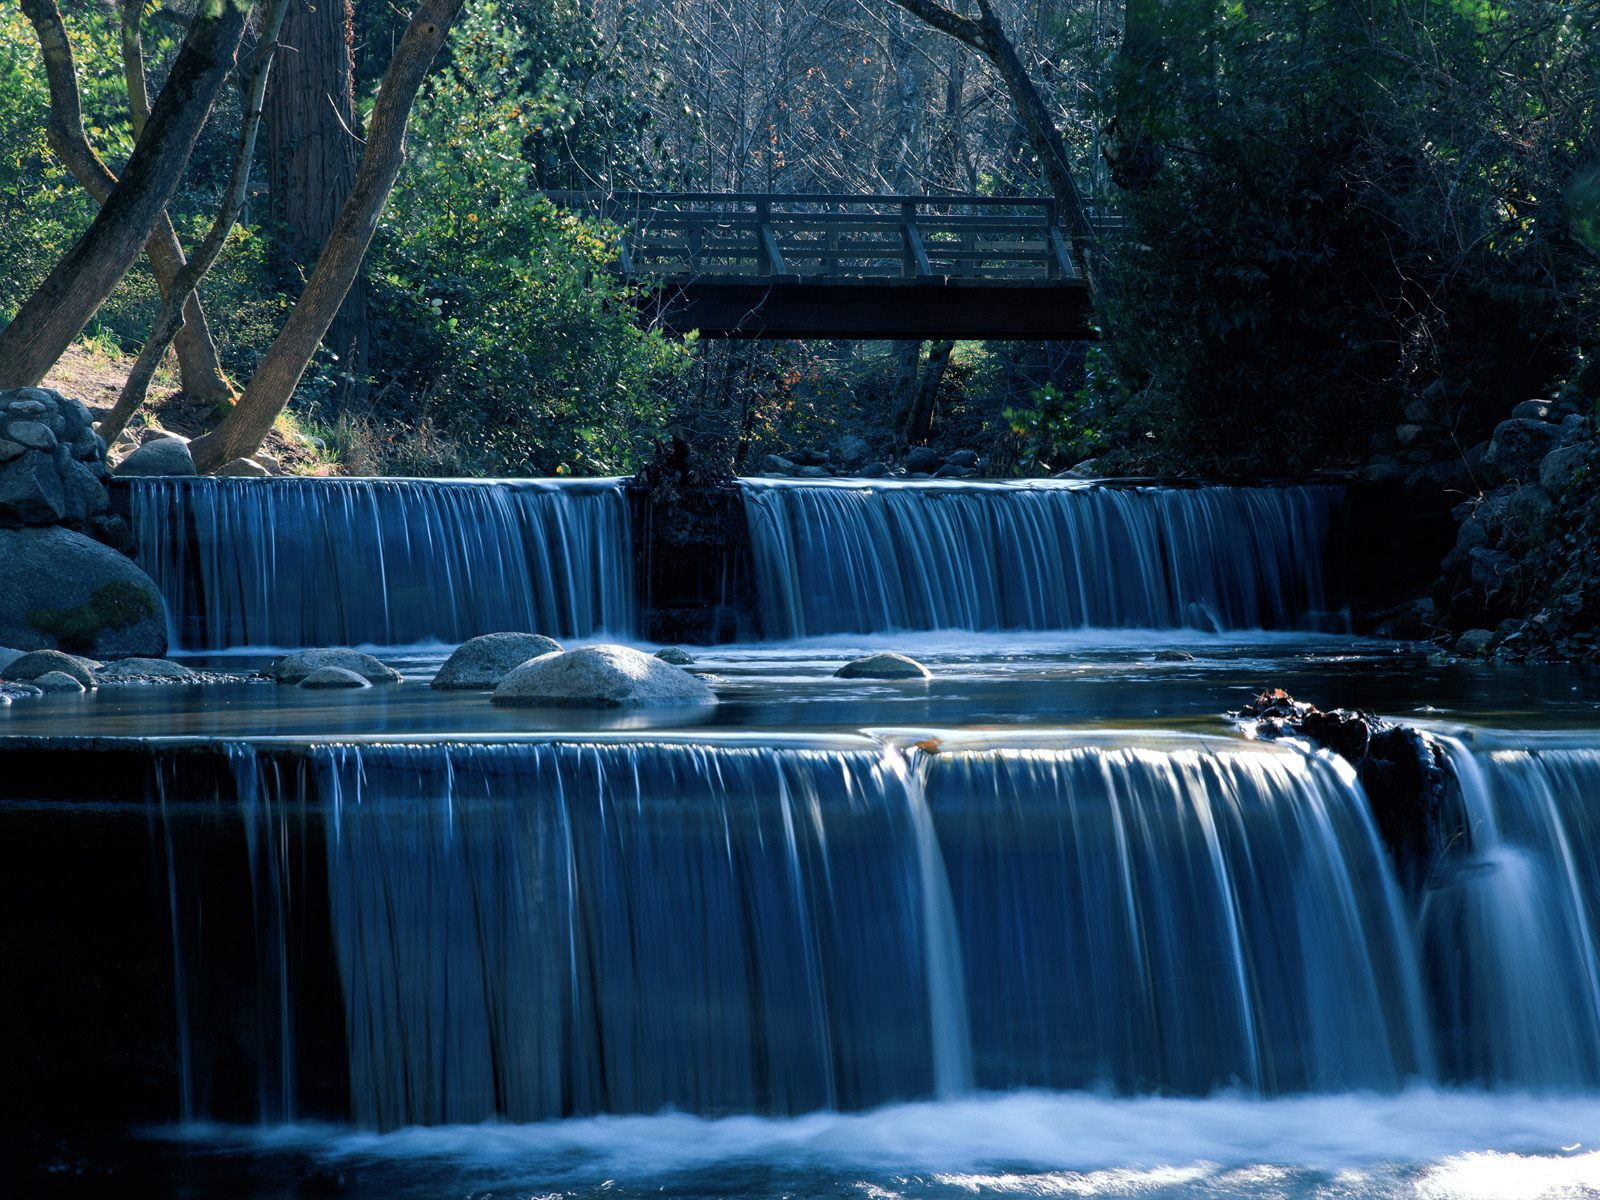 133745 économiseurs d'écran et fonds d'écran Cascades sur votre téléphone. Téléchargez Nature, Cascades, Cascade, Rayures, Stries, Oregon images gratuitement